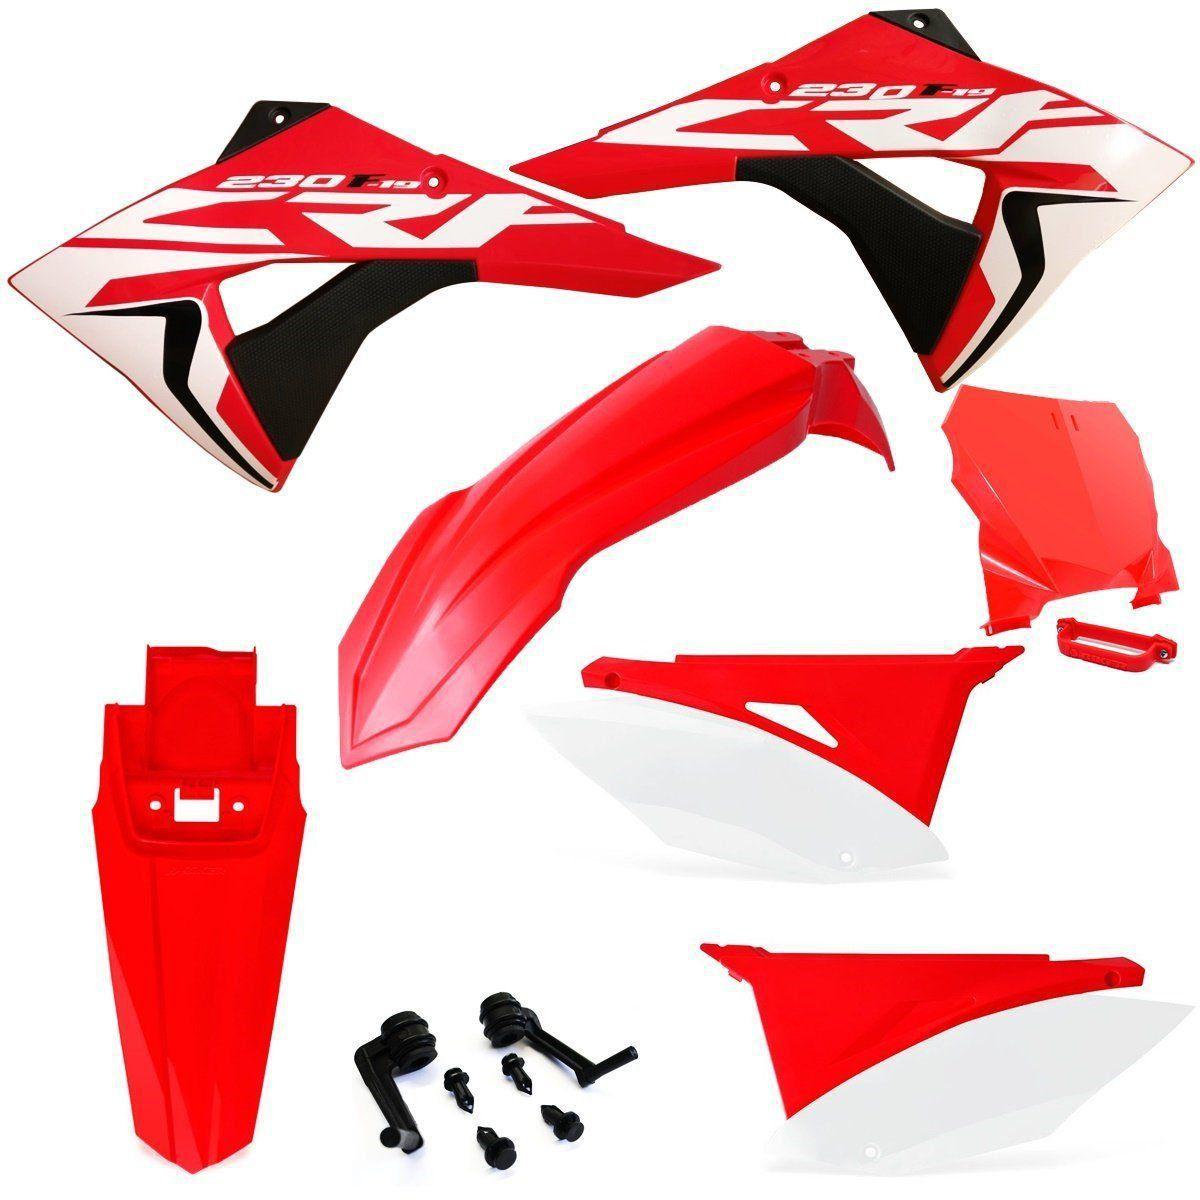 Kit Plástico Biker Elite Honda Crf 230 2008 a 2019 Com Number Plate e Adesivos